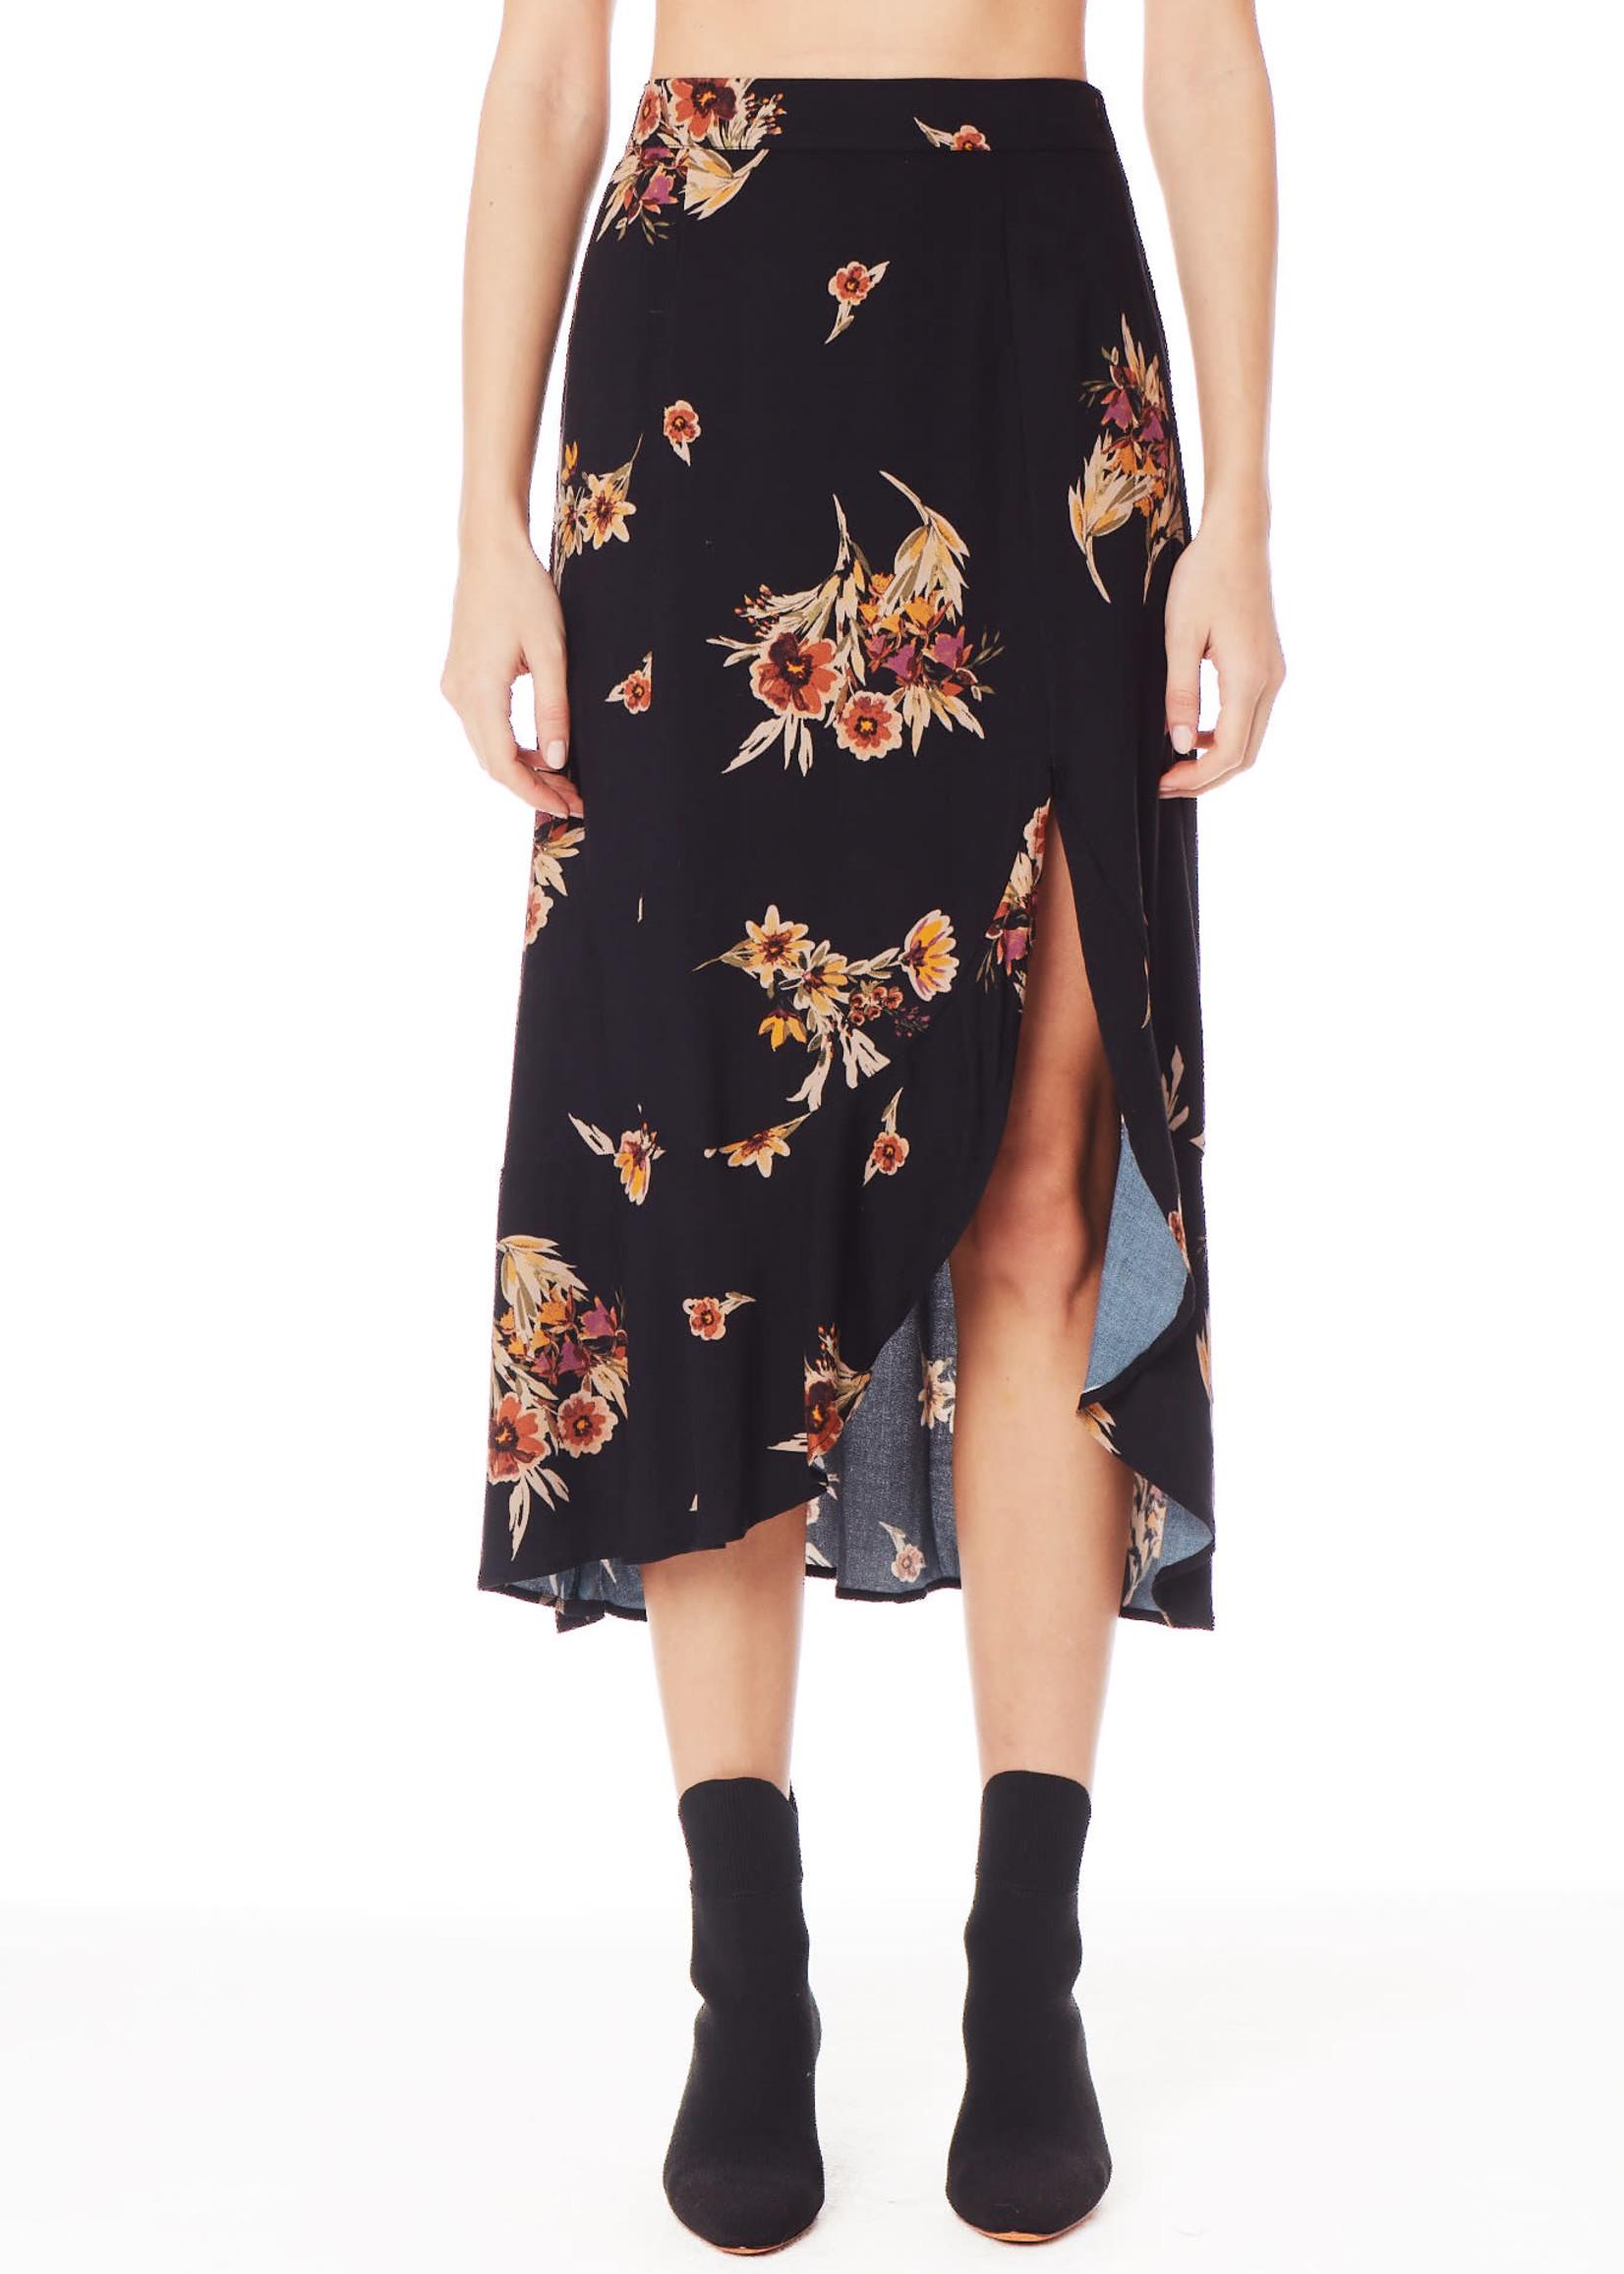 SALTWATER LUXE JUNE skirt